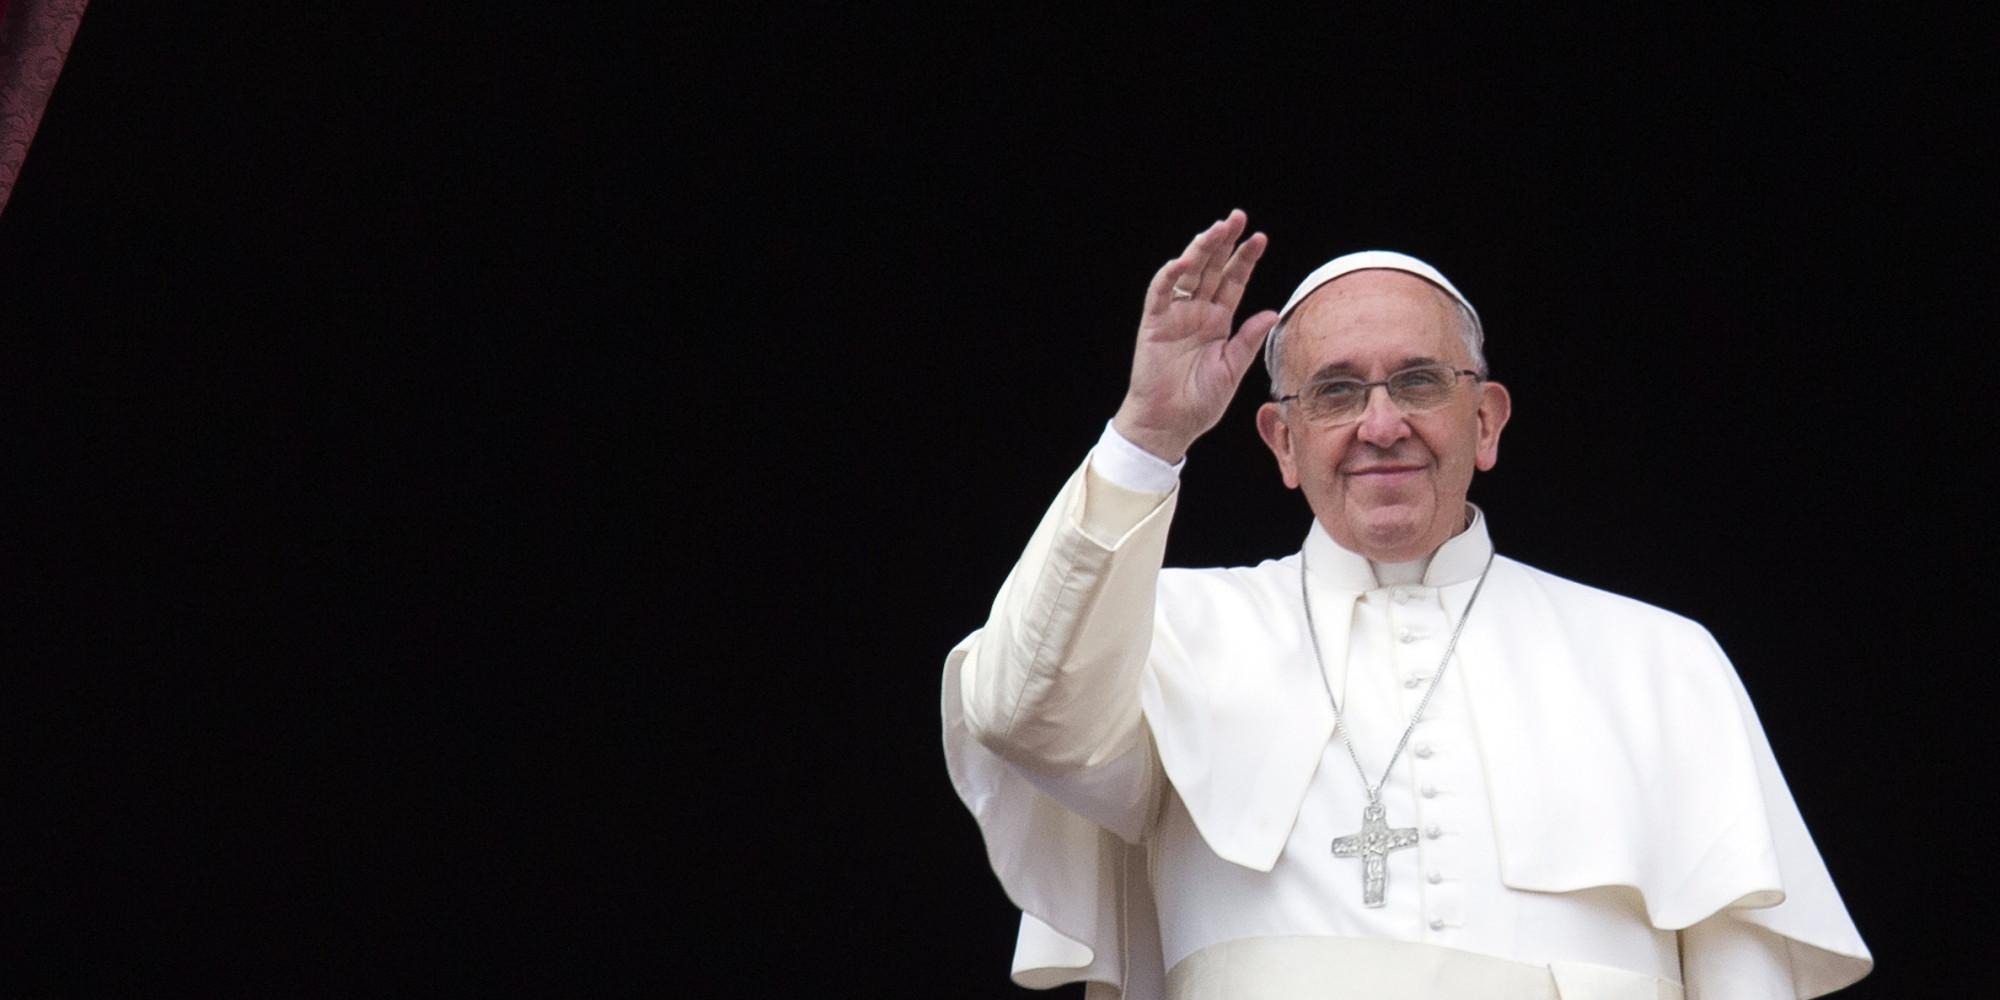 Best 60 Pope Wallpaper on HipWallpaper Pope John Paul II 2000x1000